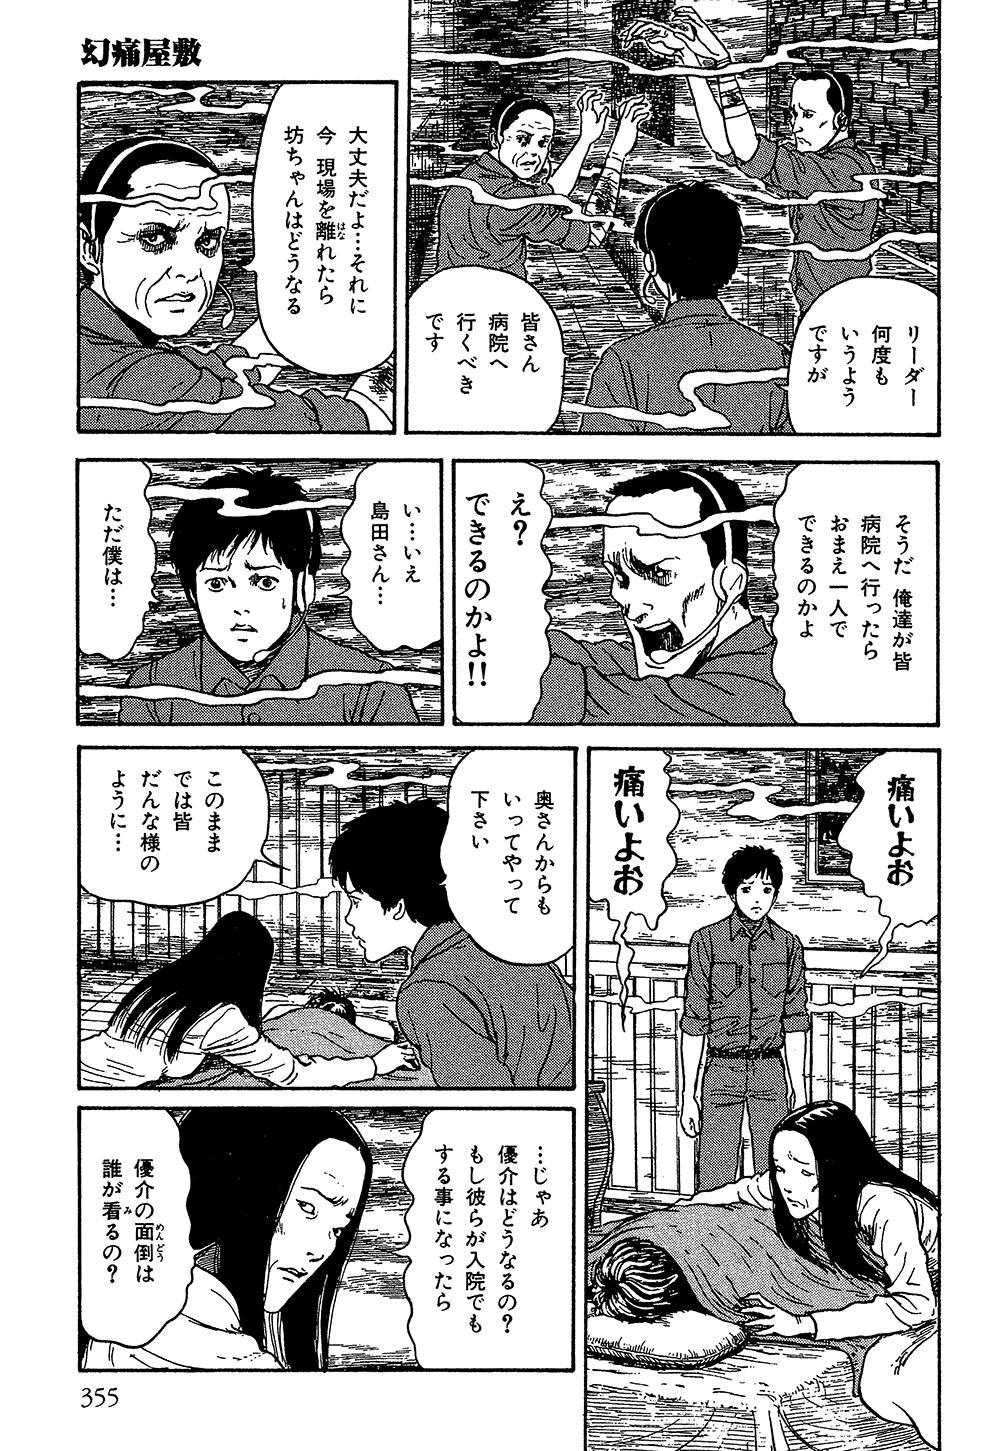 itouj_0004_0357.jpg